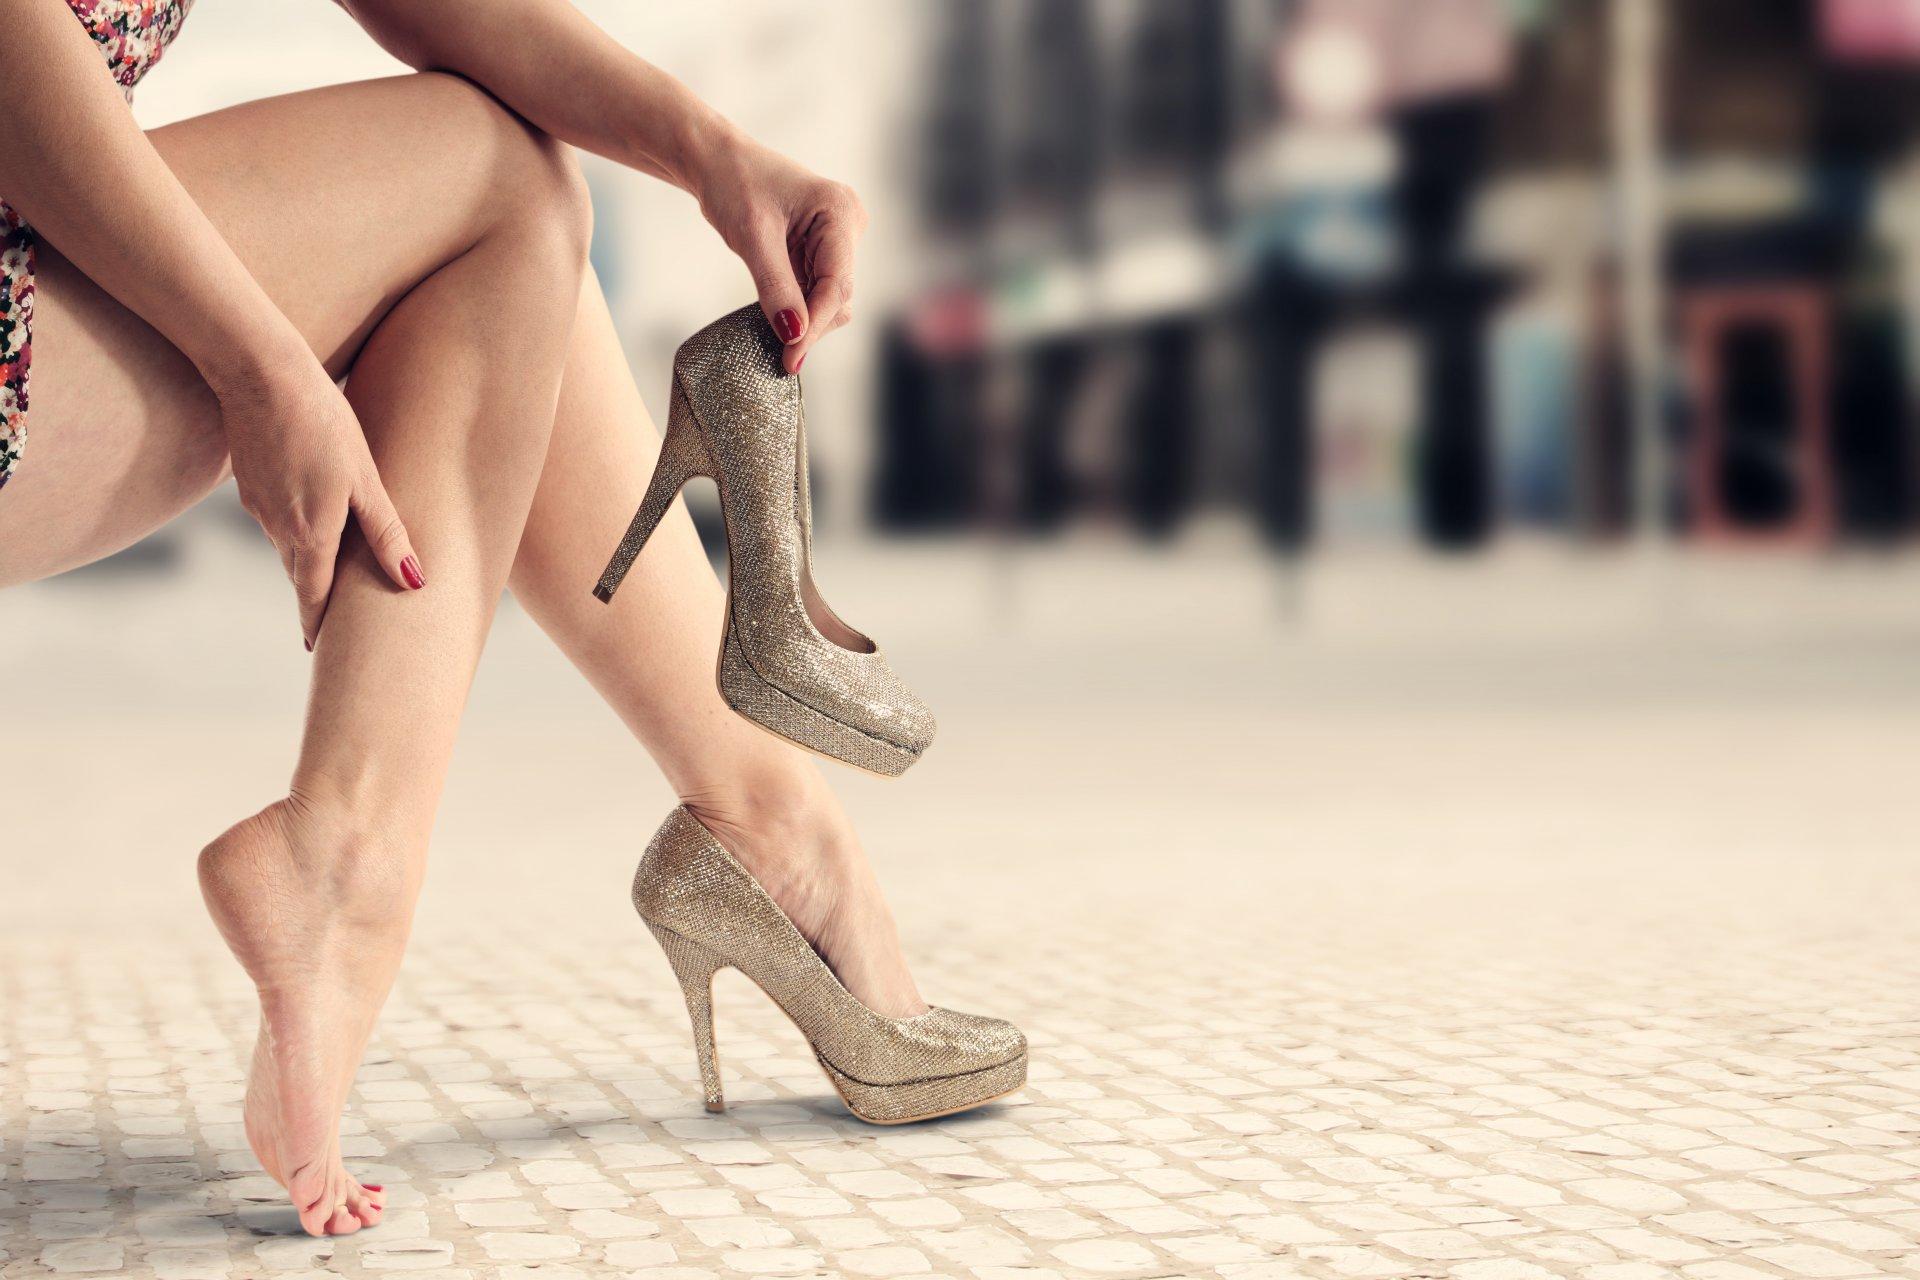 подборка женских ног - 5